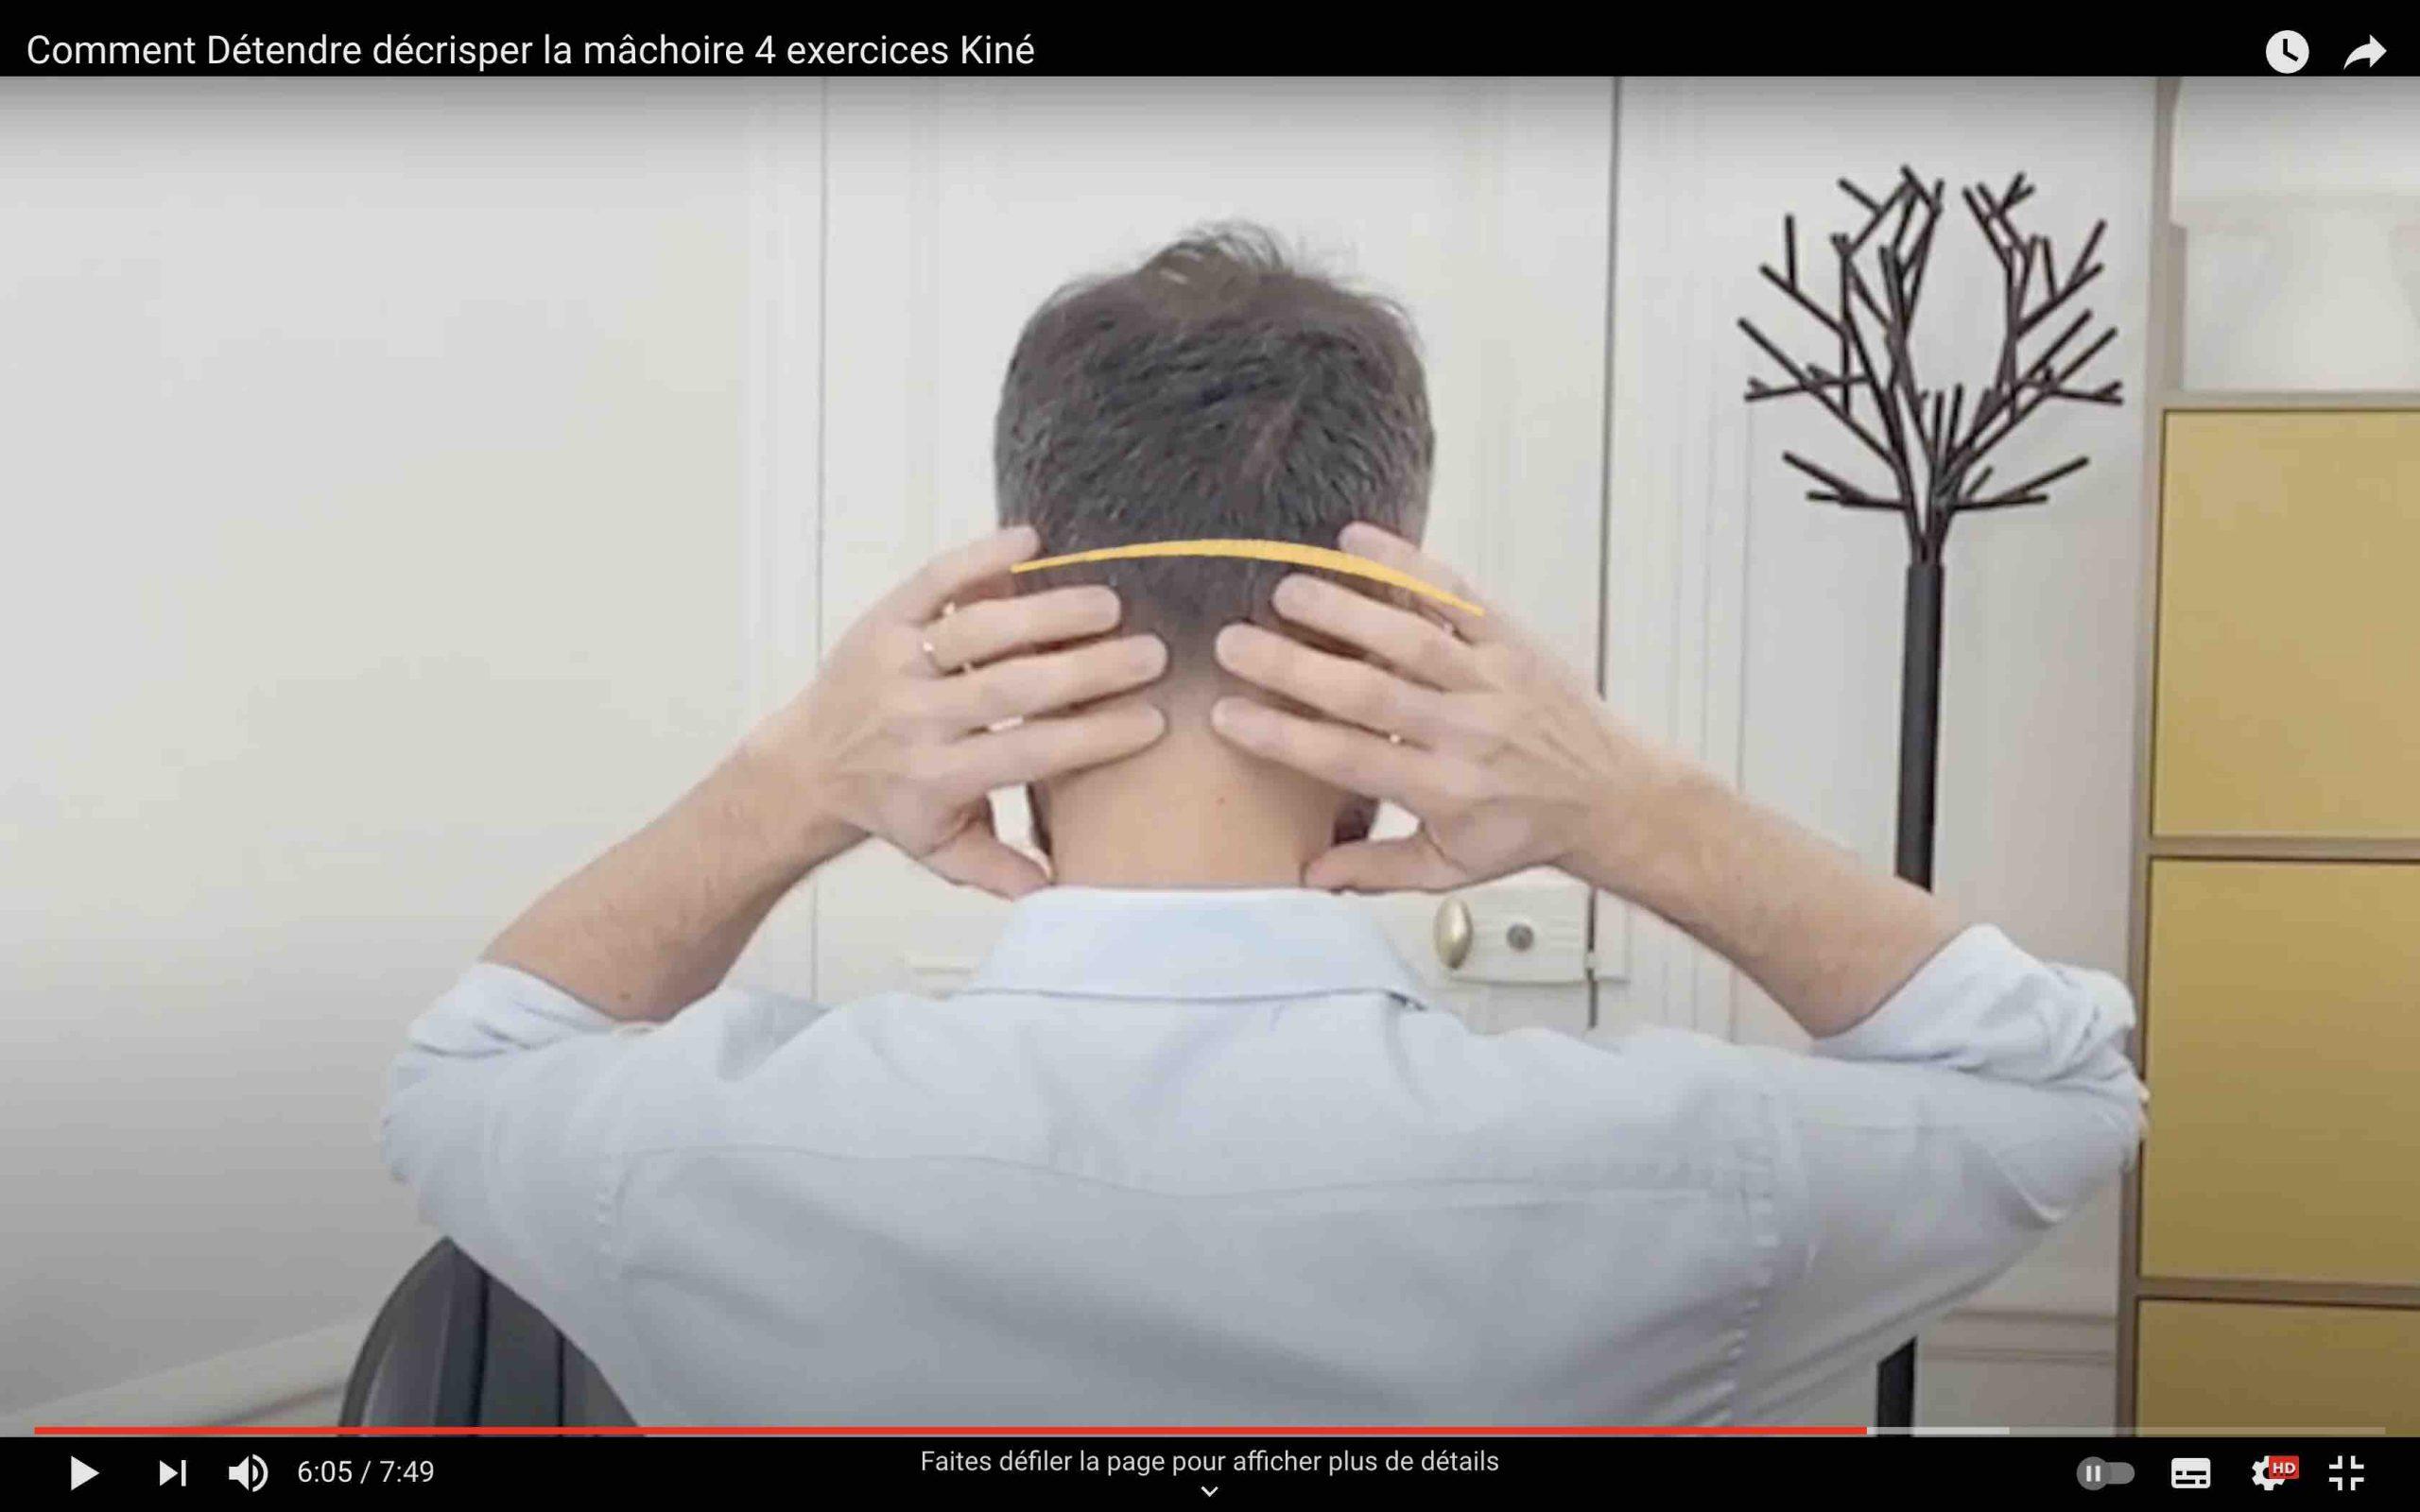 Masser le crâne pour détendre la mâchoire